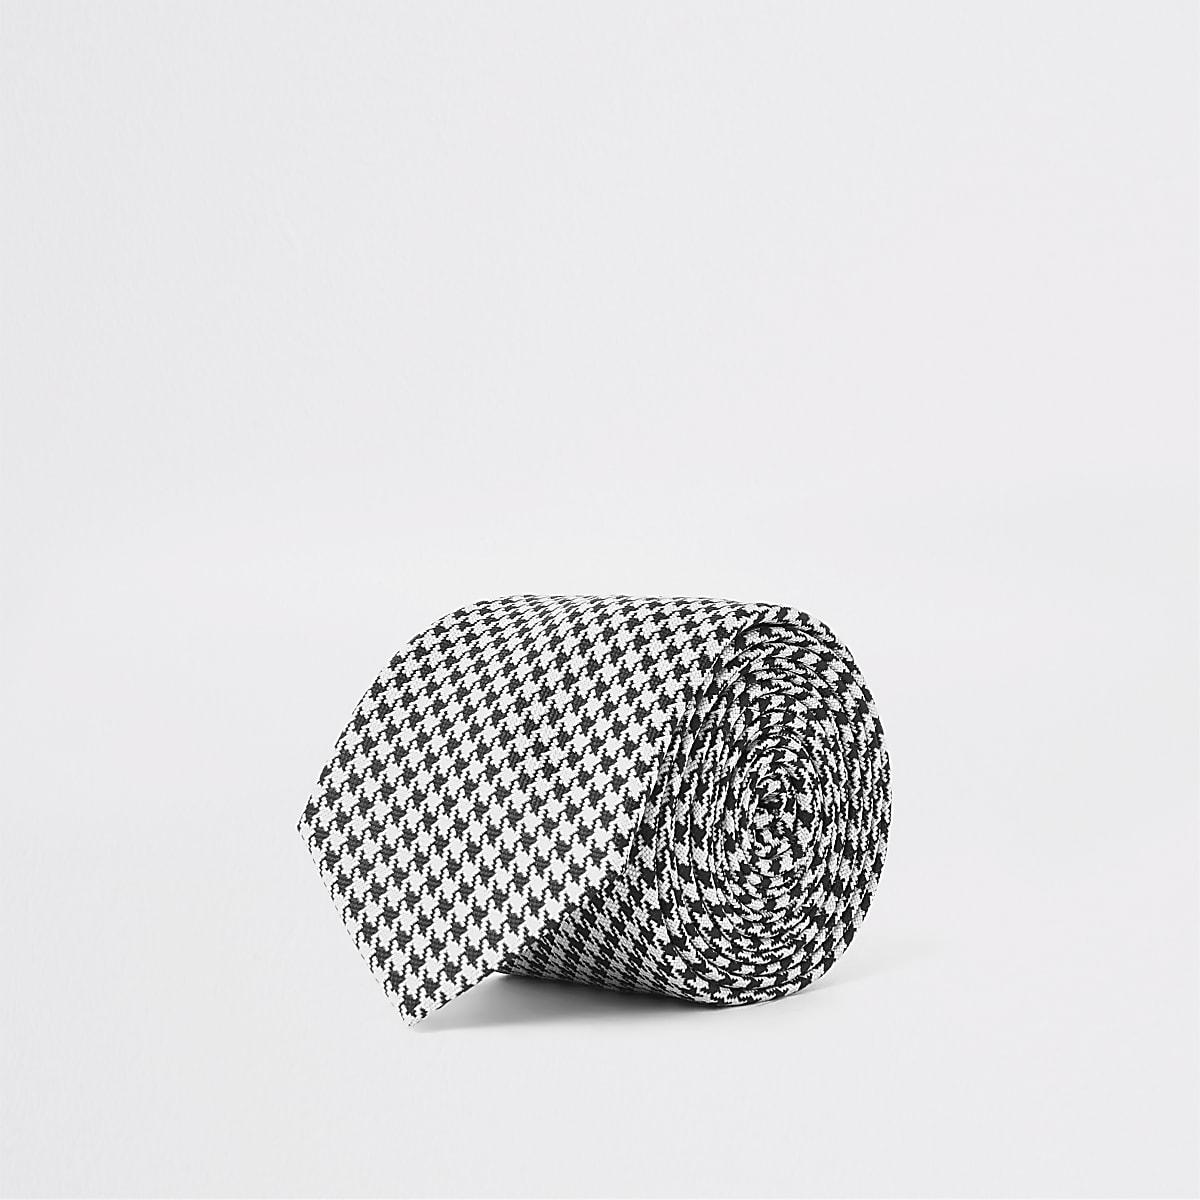 Zwarte stropdas met pied-de-poule print en textuur